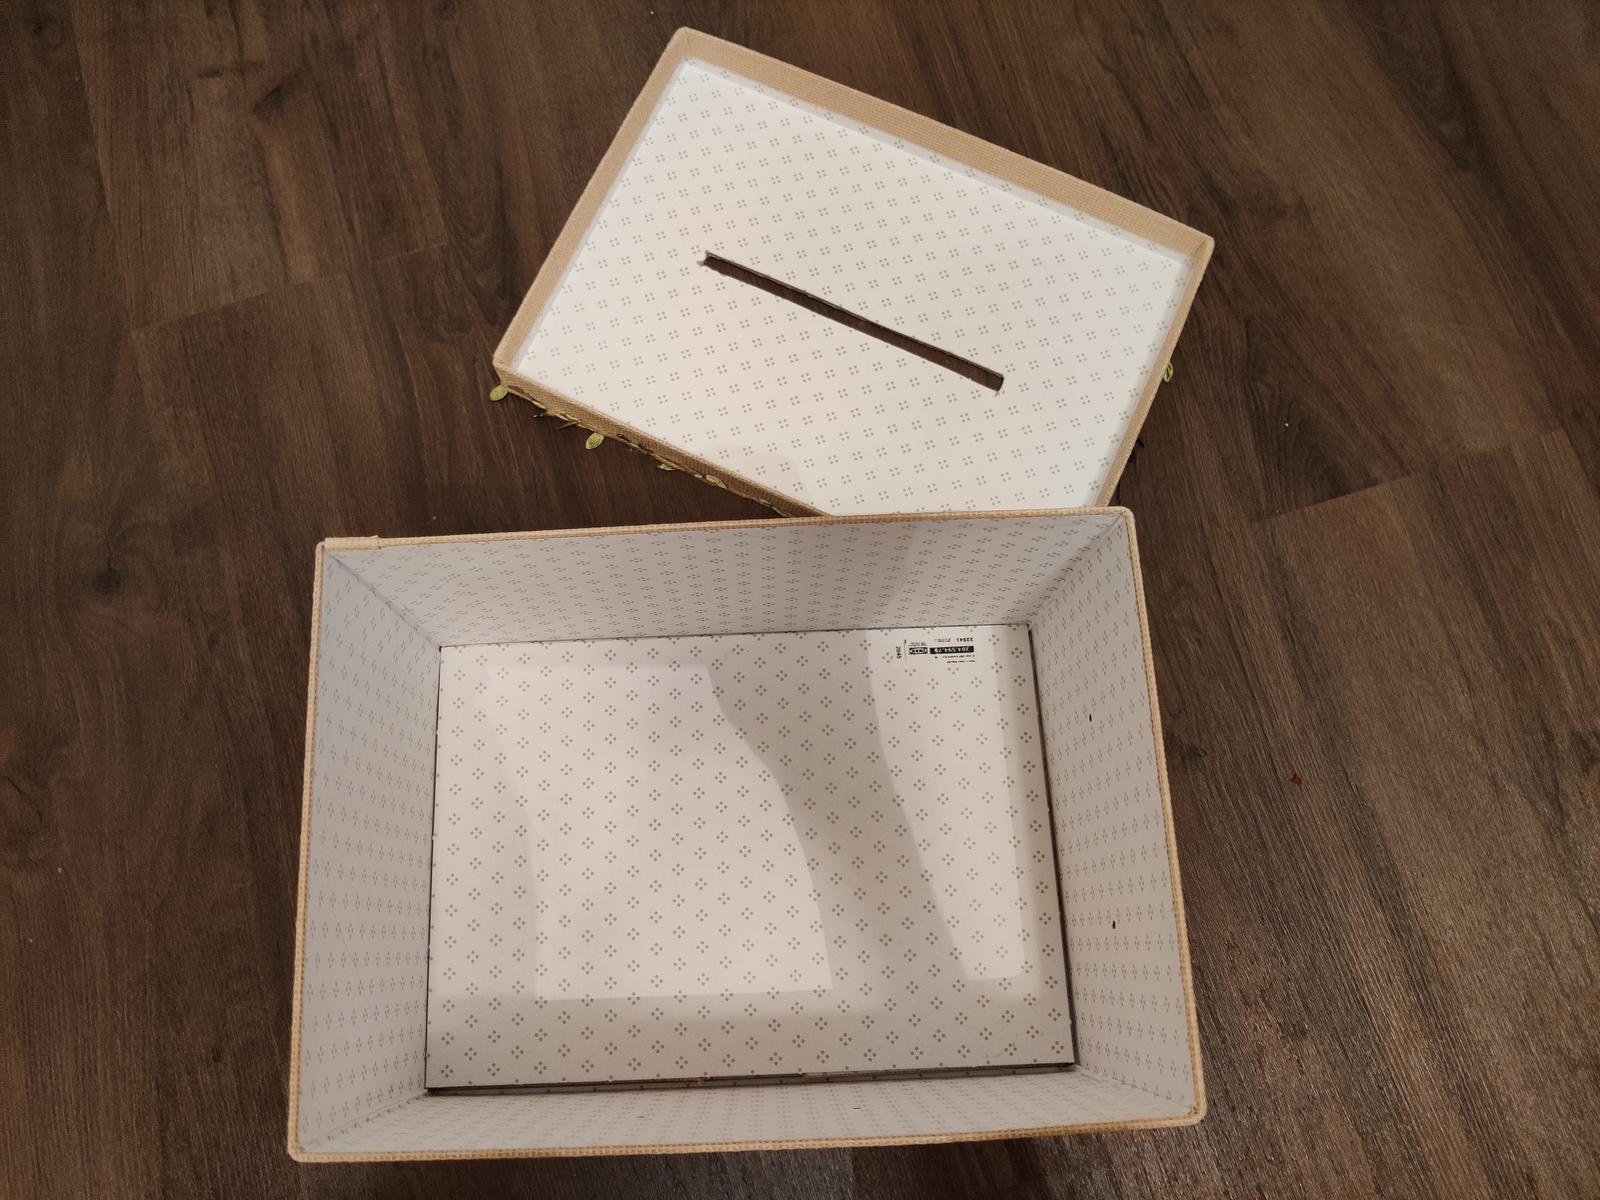 Krabice na přání a dary - Obrázek č. 2